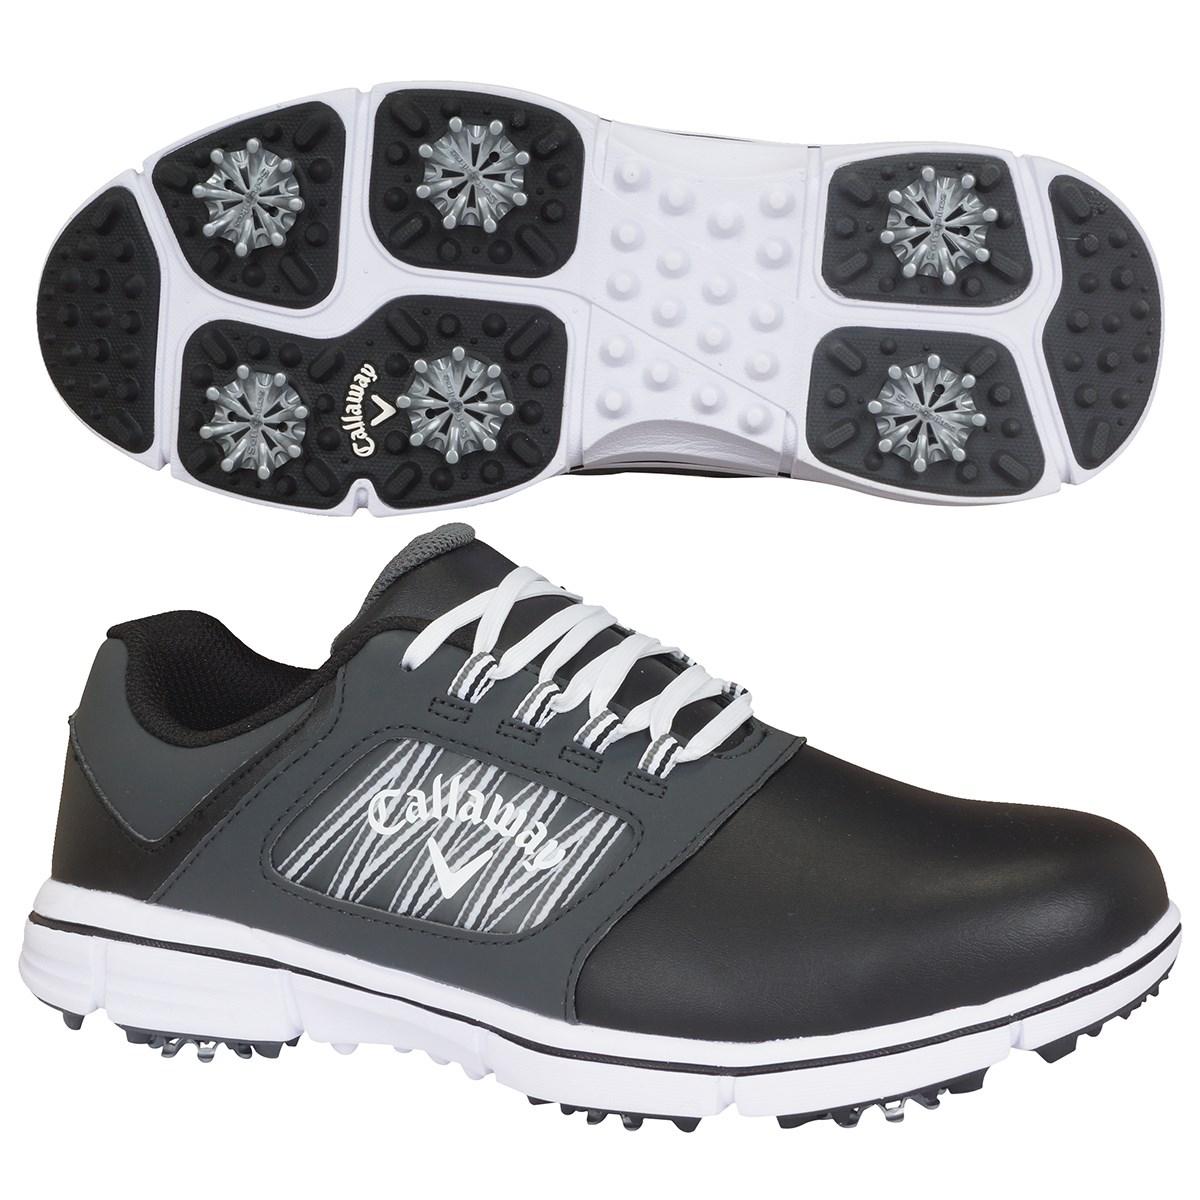 キャロウェイゴルフ(Callaway Golf) CHEVLITE 20 ゴルフシューズ